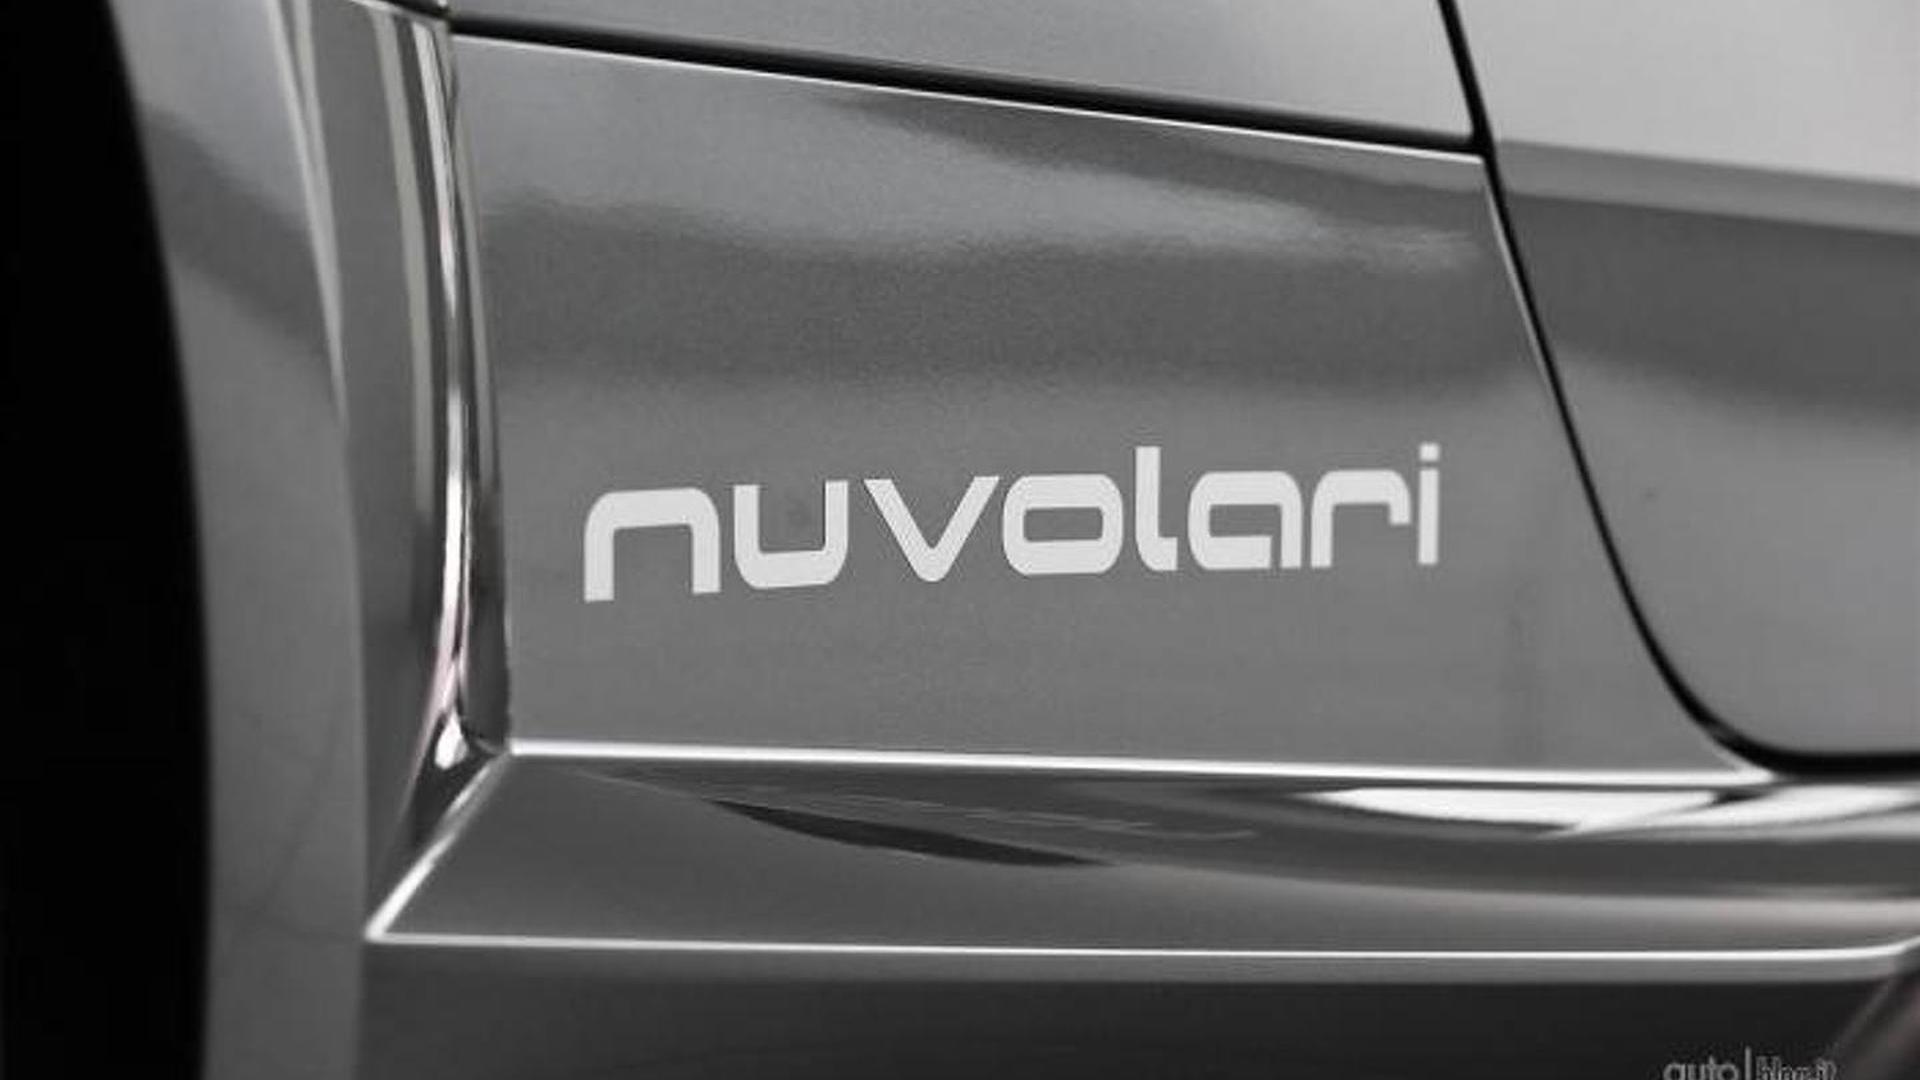 Надпись Nuvolari на боках кузова Audi TT